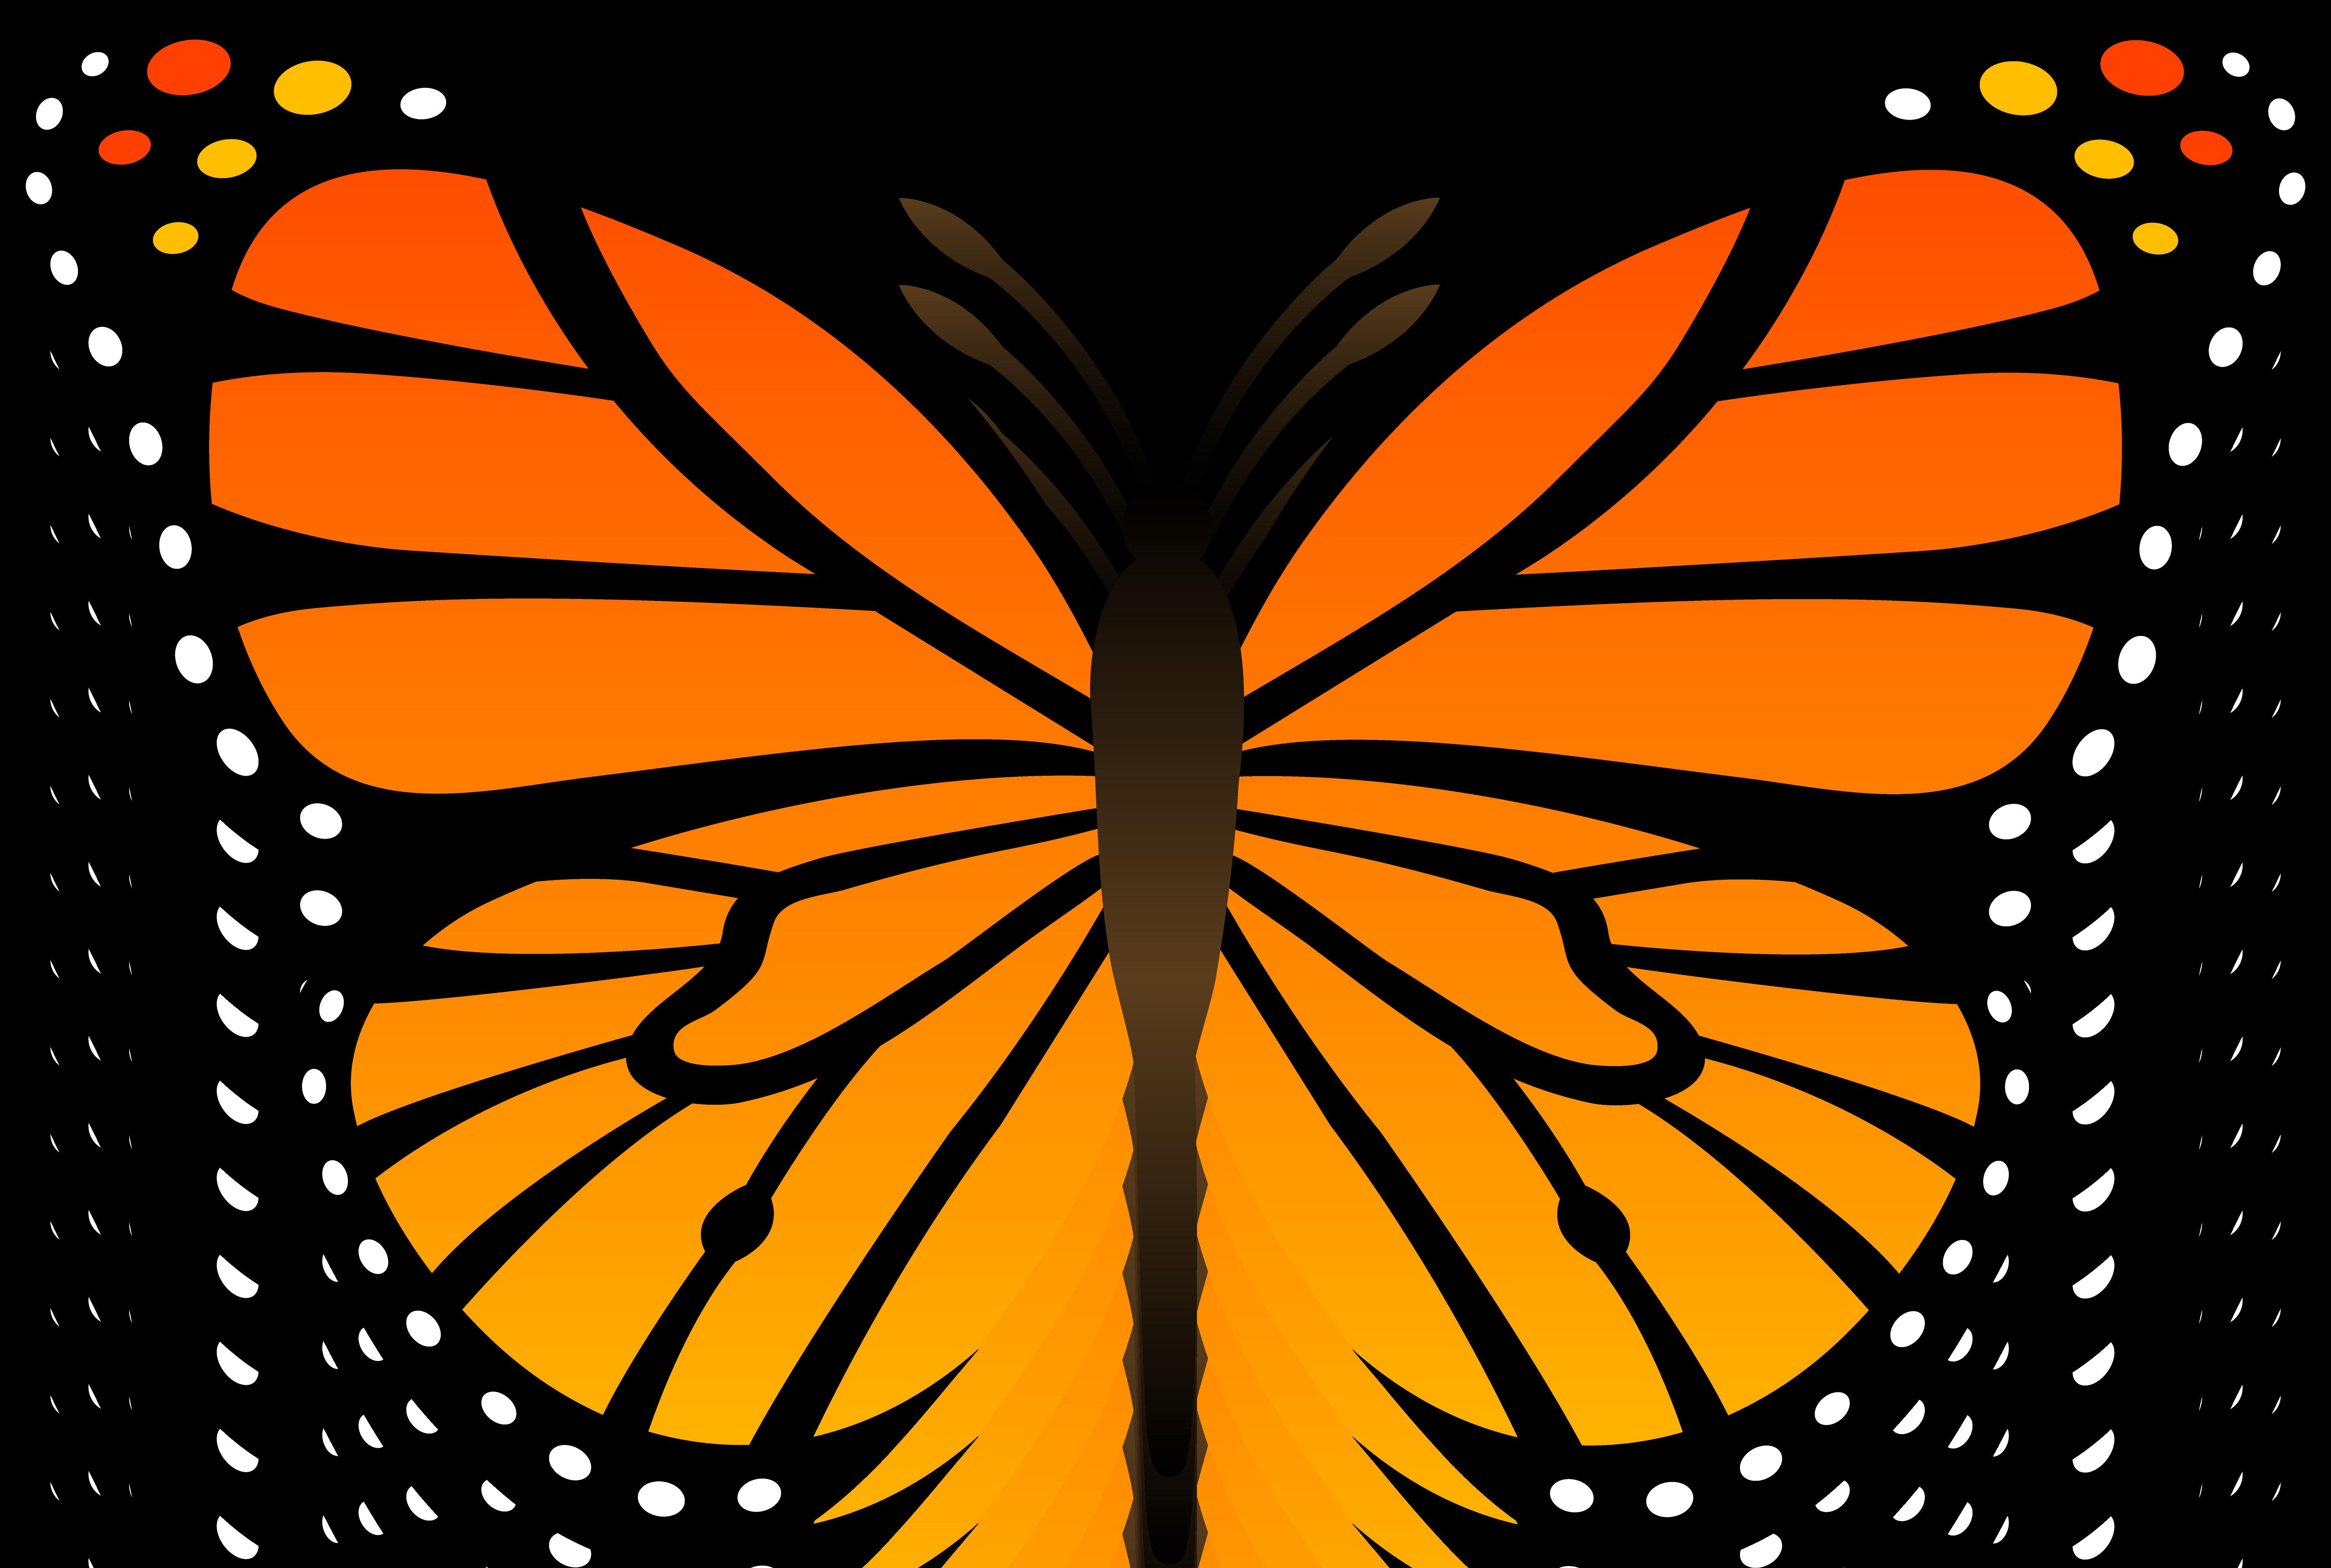 FREE Butterfly Clip Art 16. Butterfly Ca-FREE Butterfly Clip Art 16. Butterfly Cartoon Pictures-15